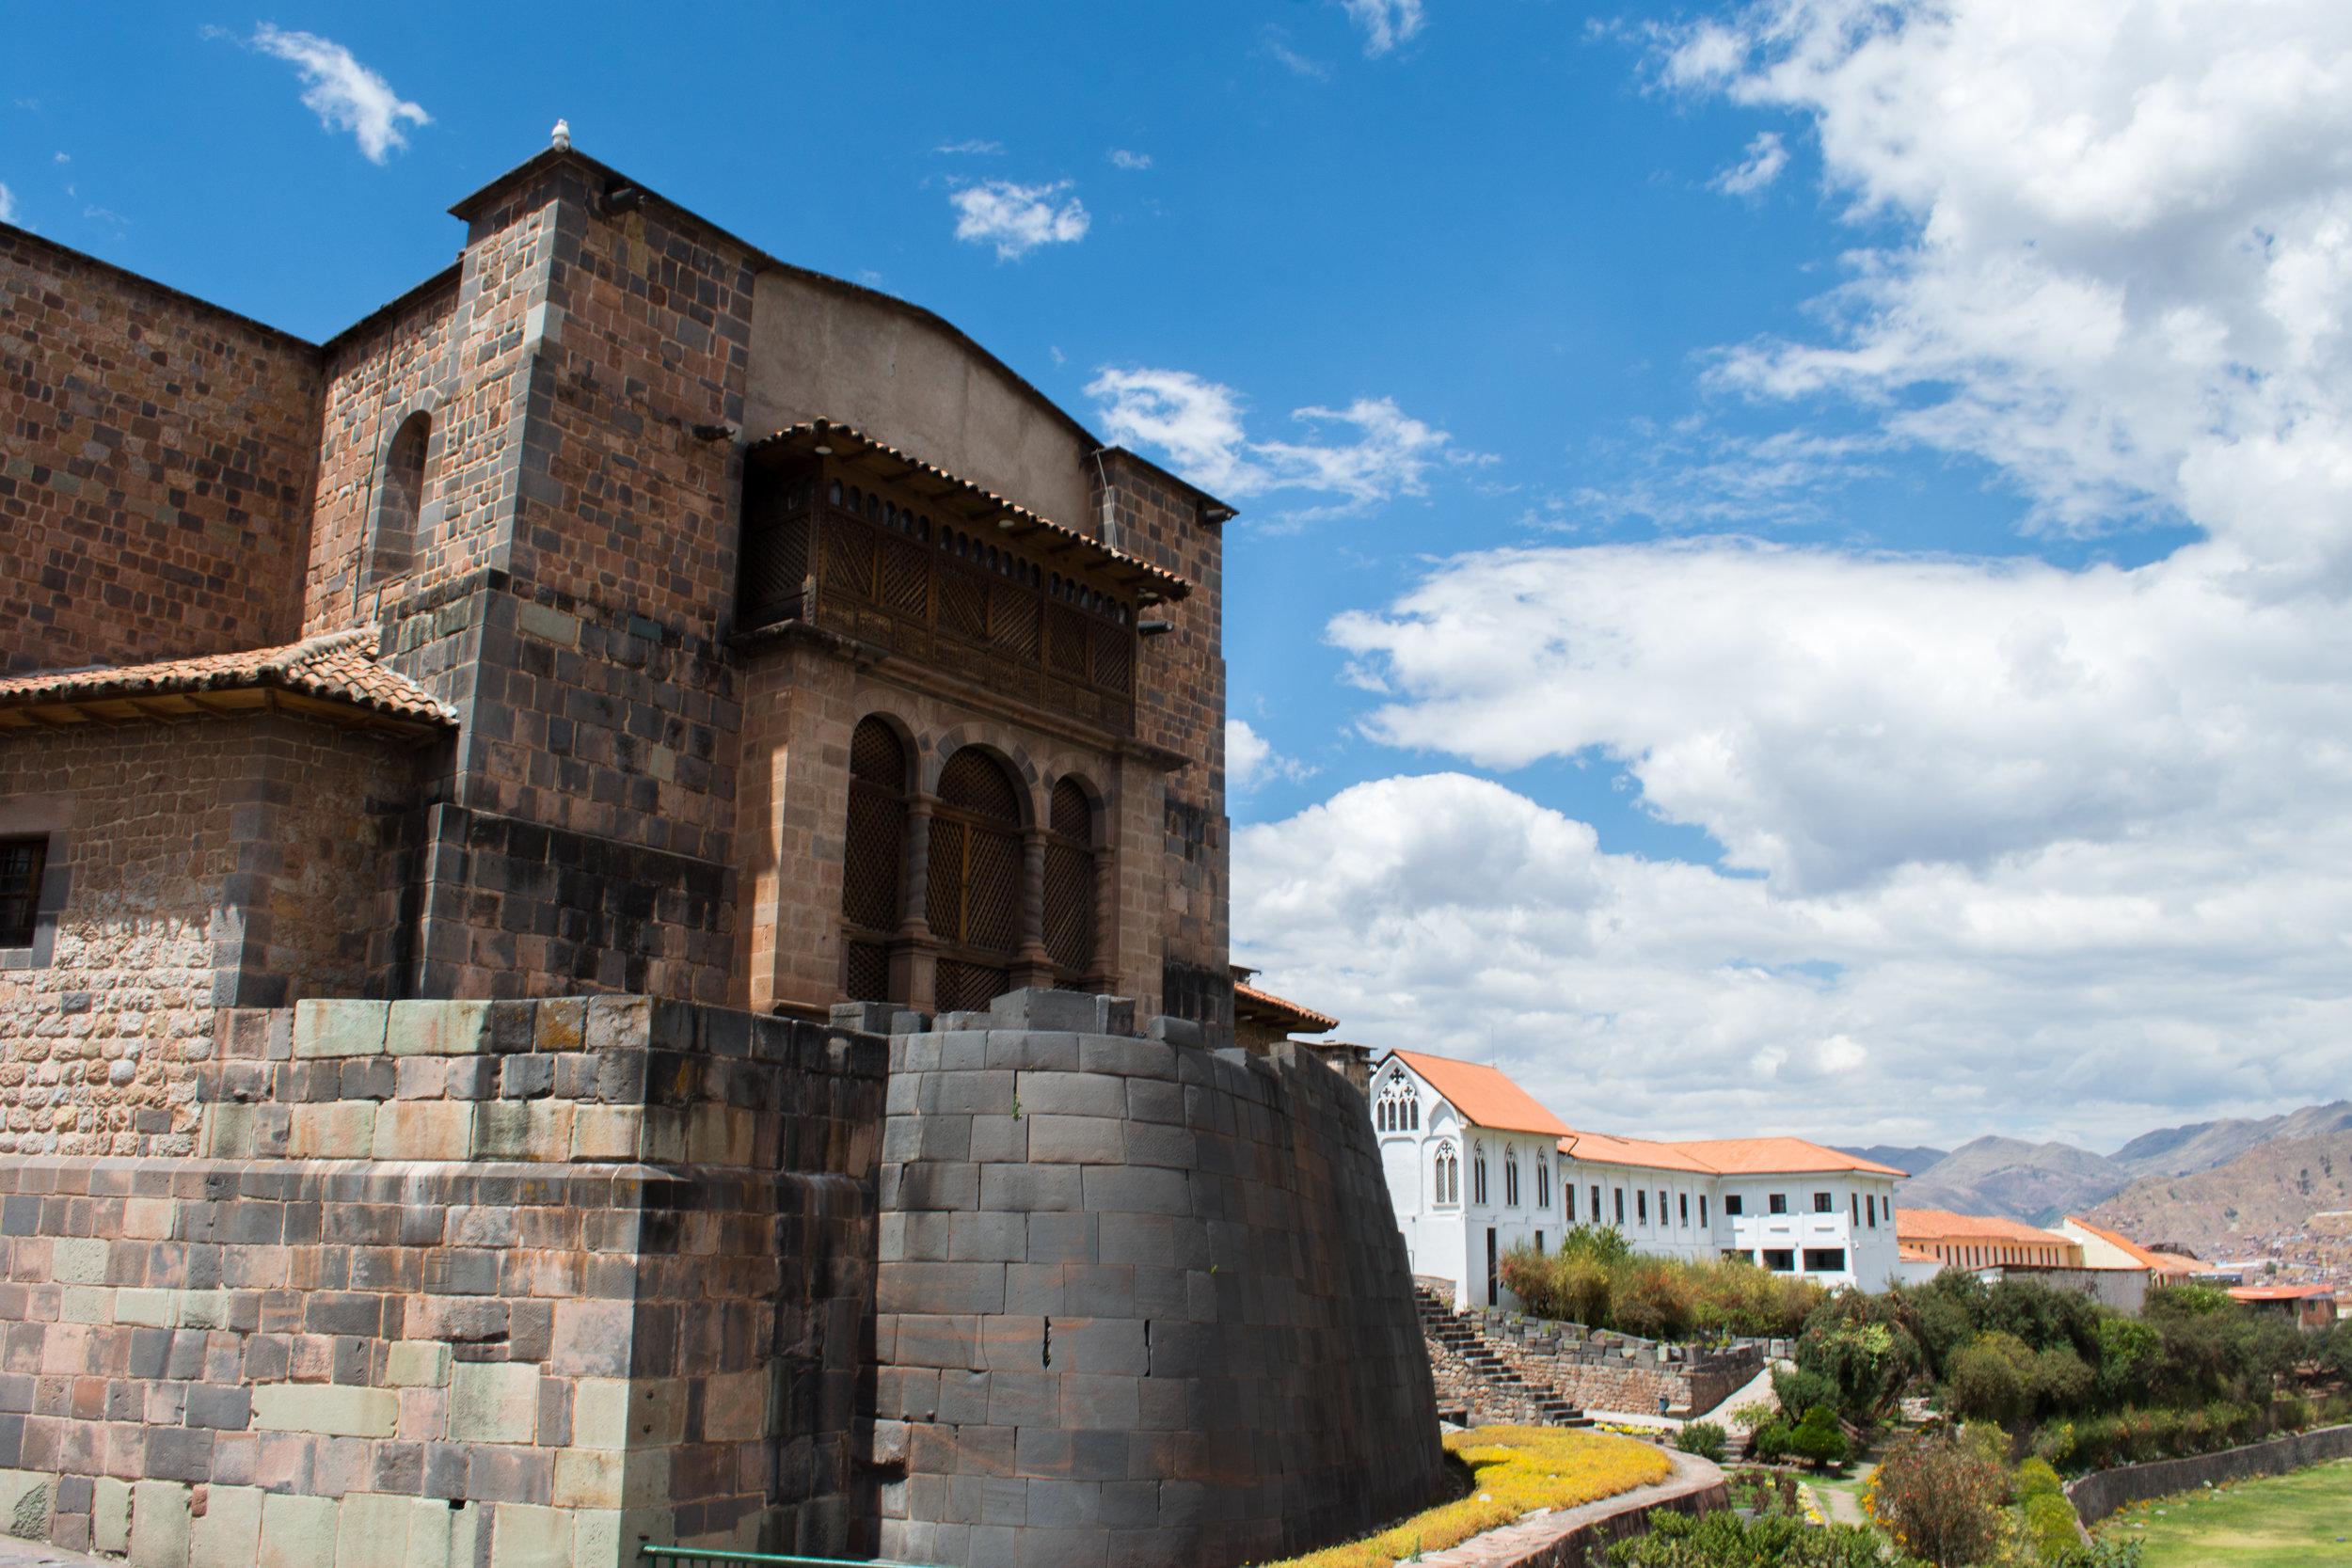 Exterior of Qurikancha